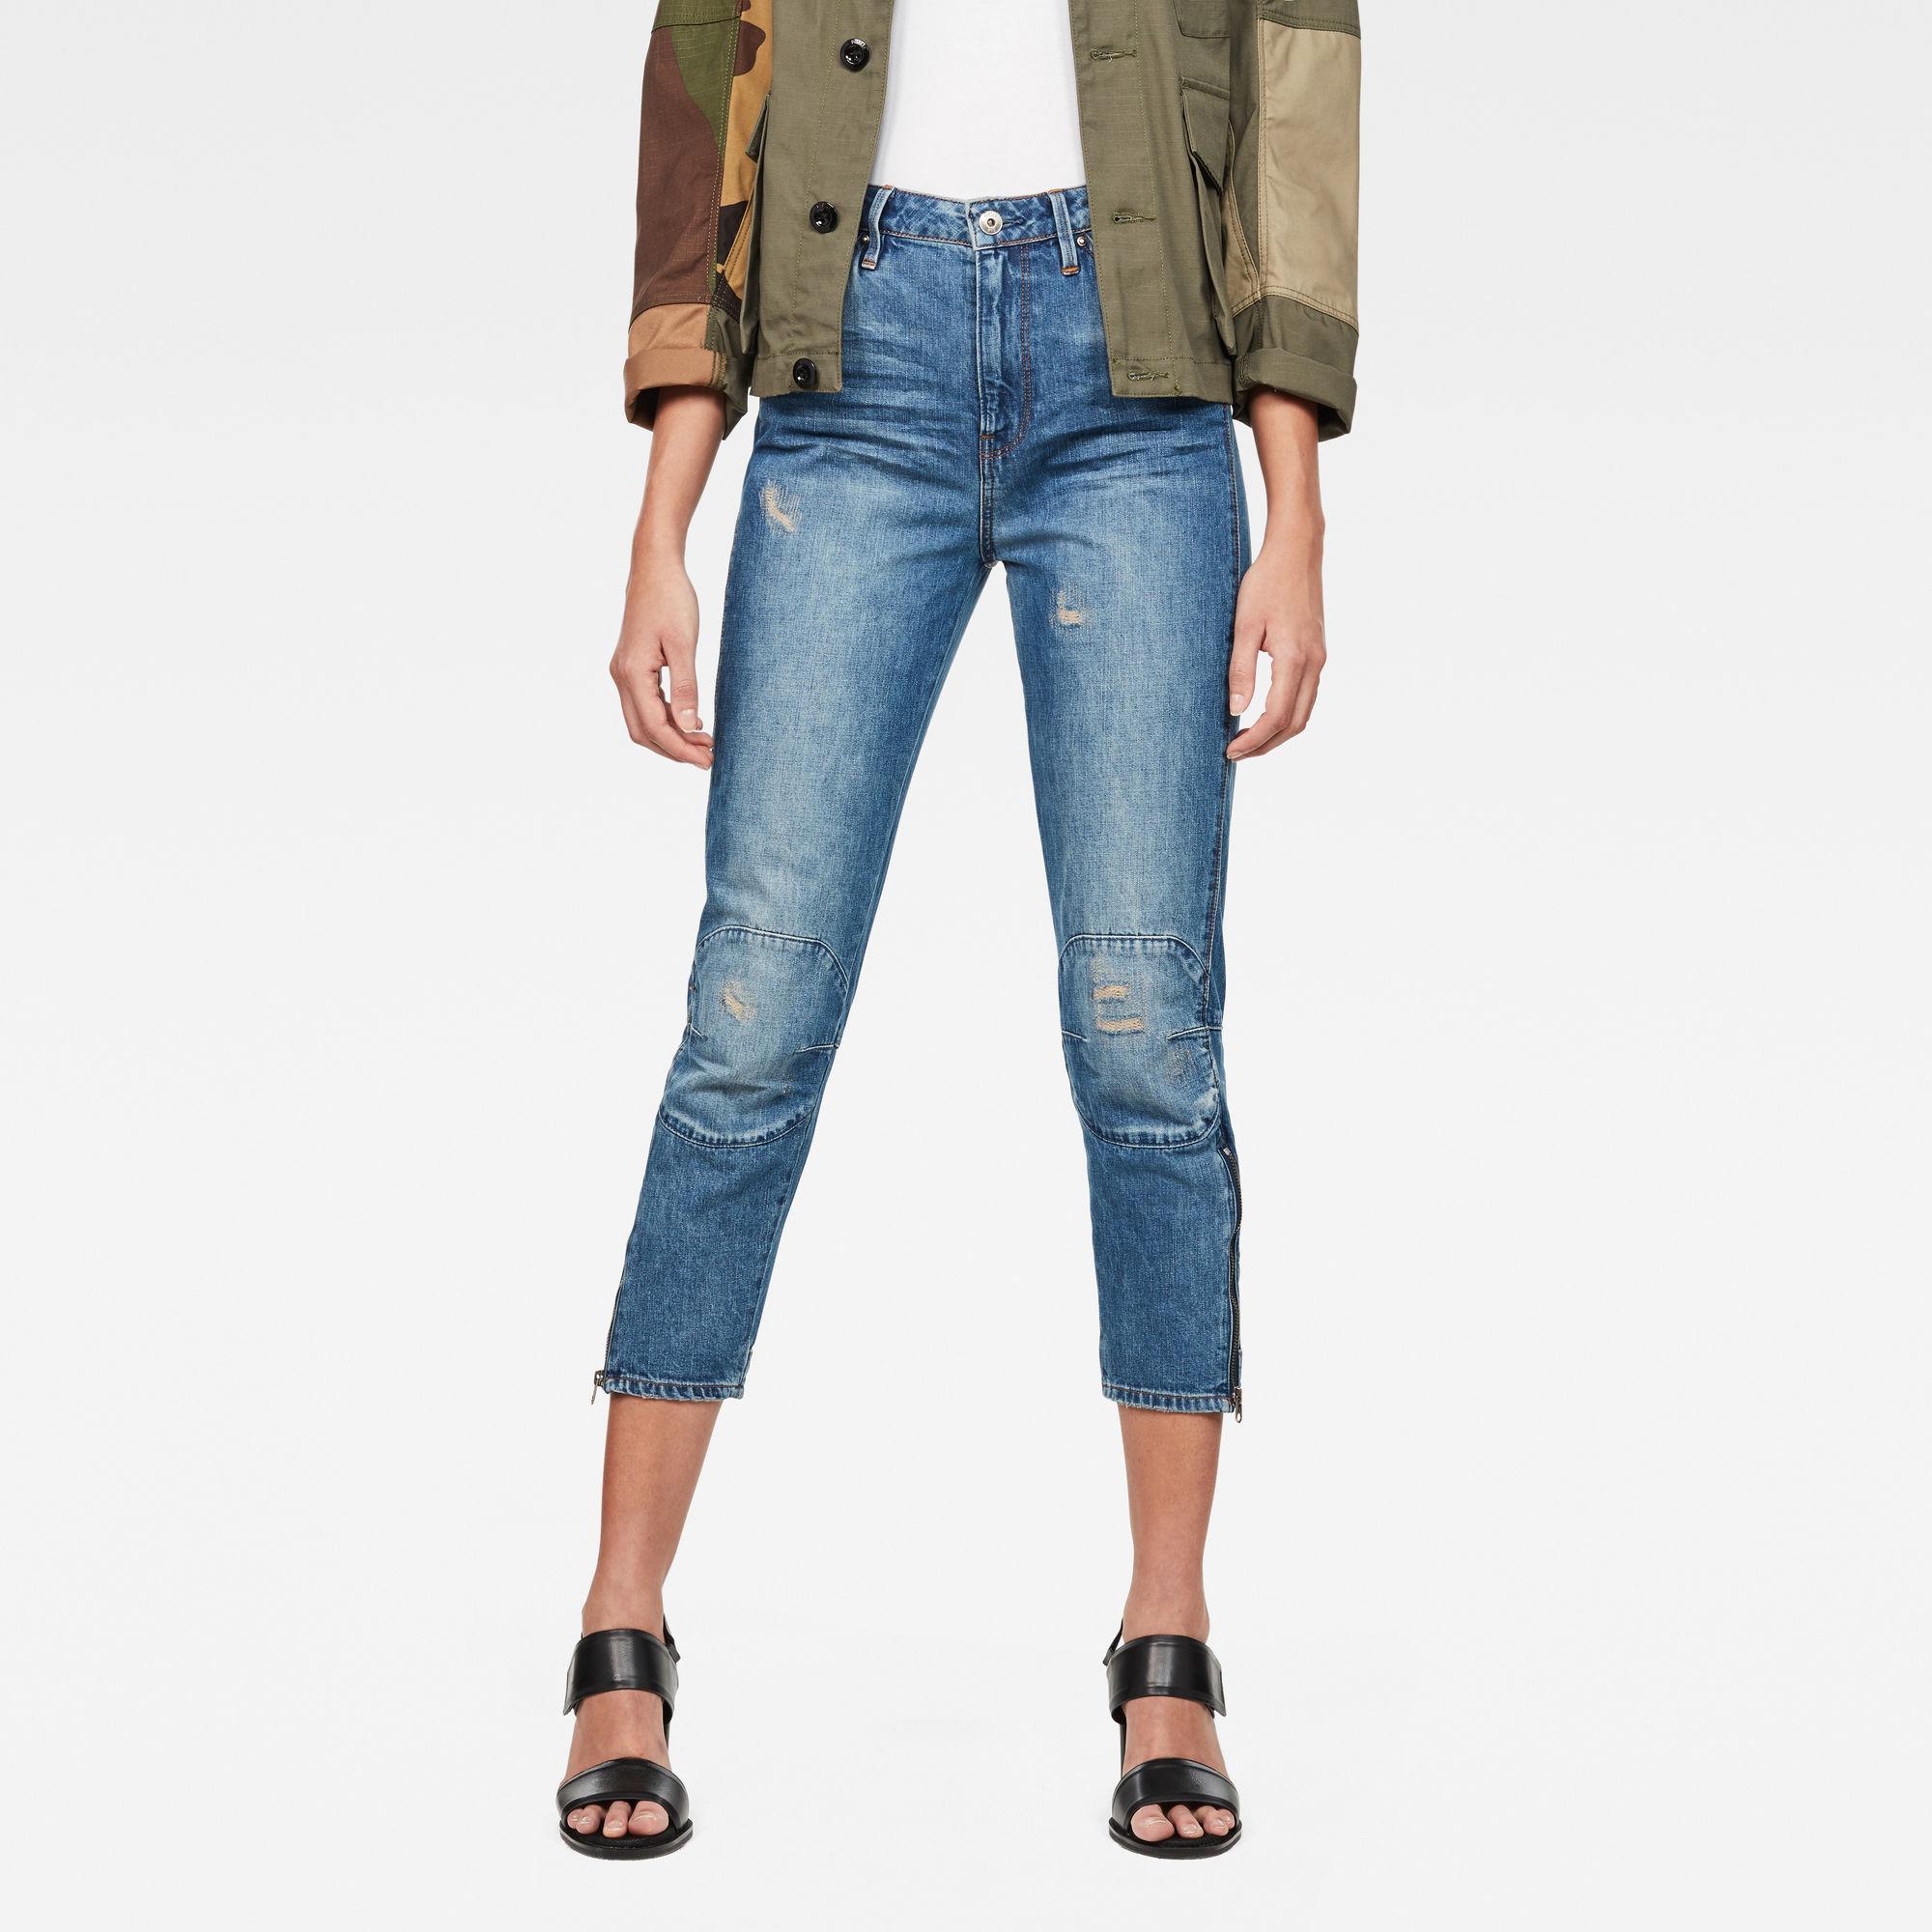 G-Star Elwood 5622 Ultra High waist Straight 7 8-Length Jeans